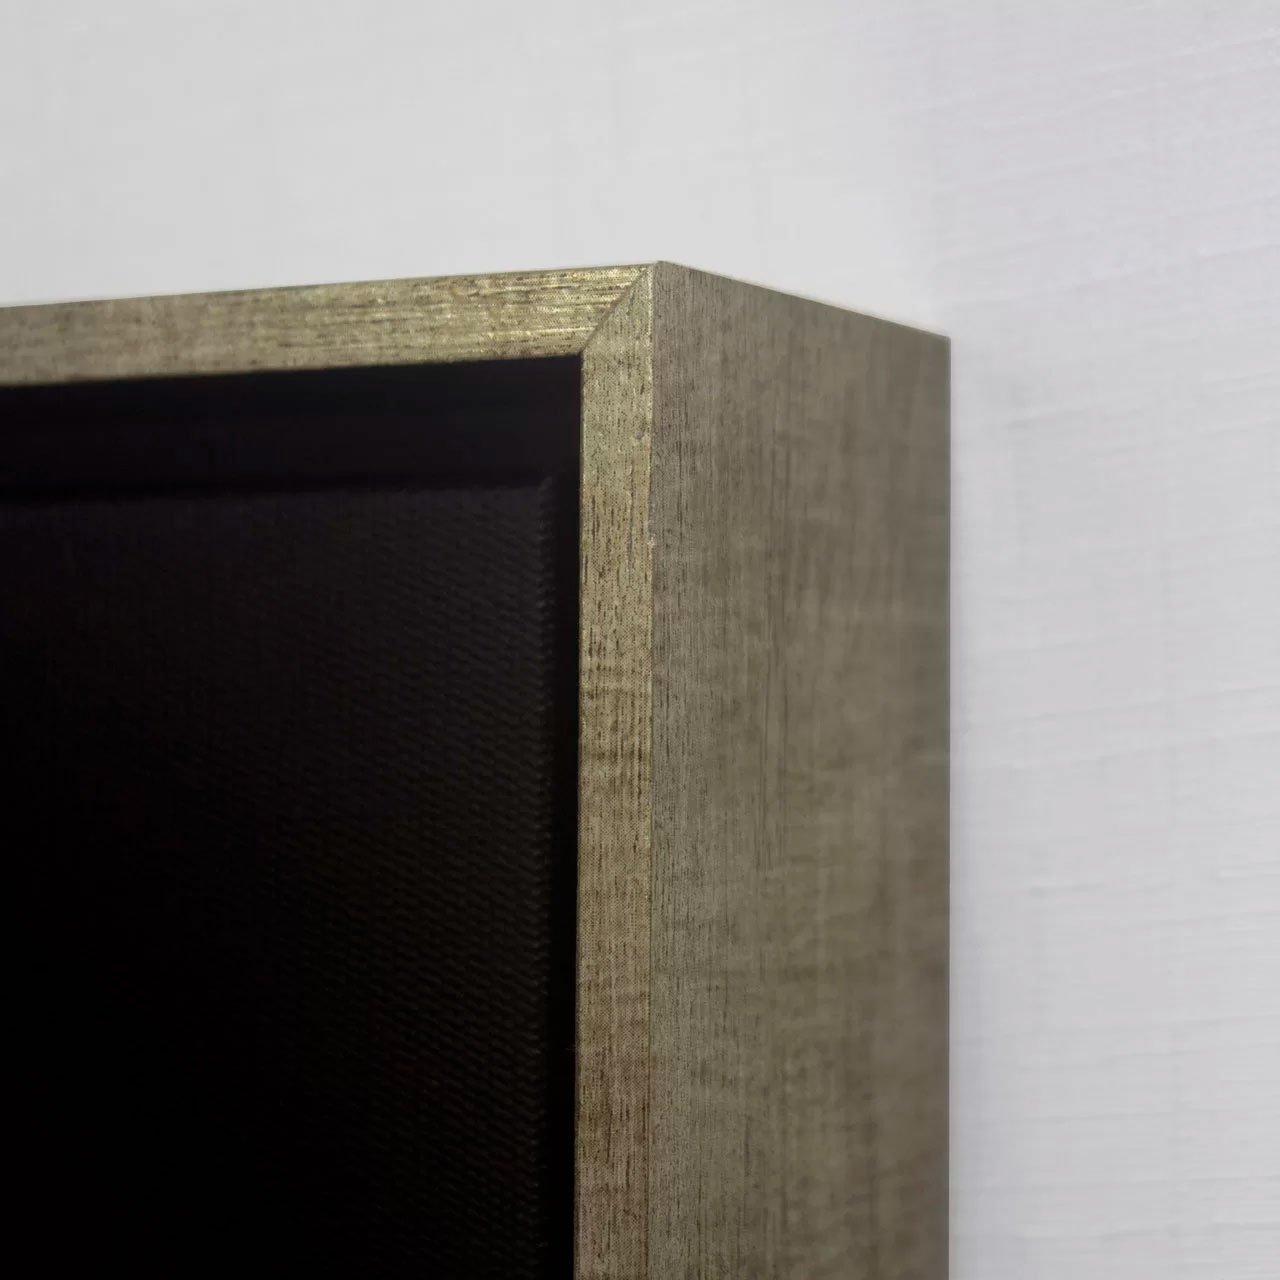 Moldura flutuante de alto padrão, elaborada em madeira maciça com acabamento em prata envelhecida. Excelente qualidade e durabilidade para a sua Tela Canvas.